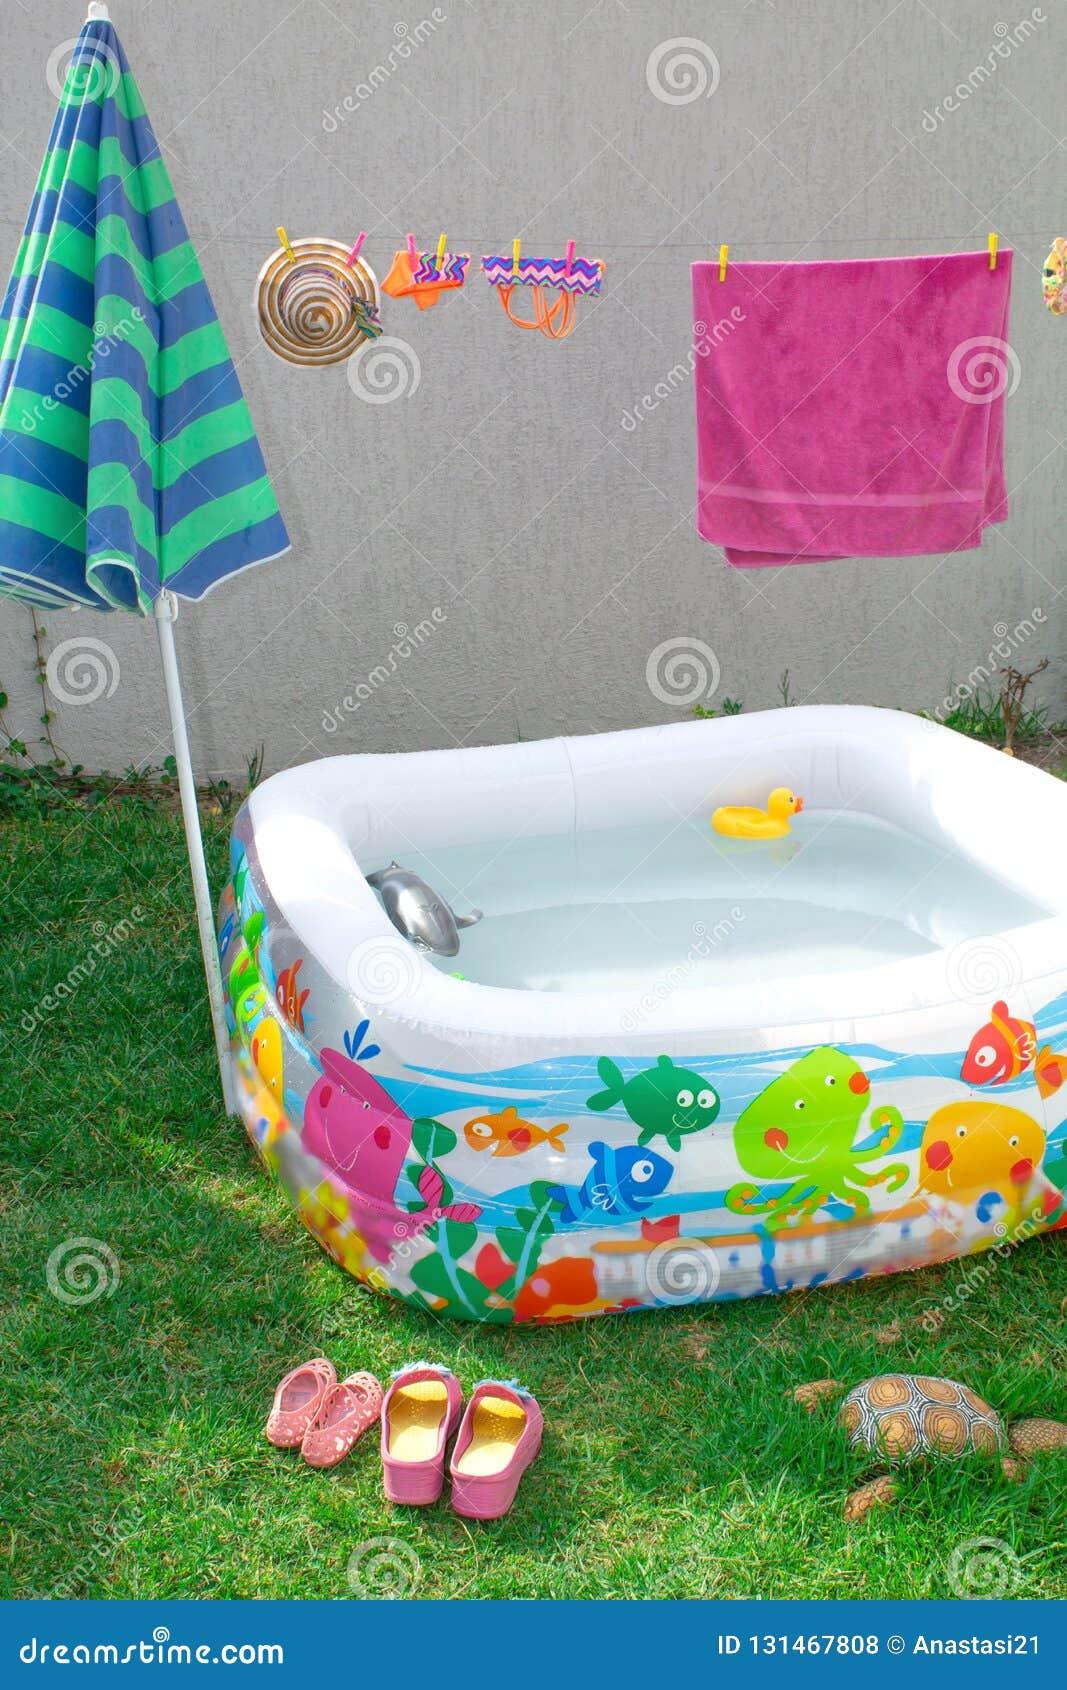 可膨胀的水池在庭院里,有伞的